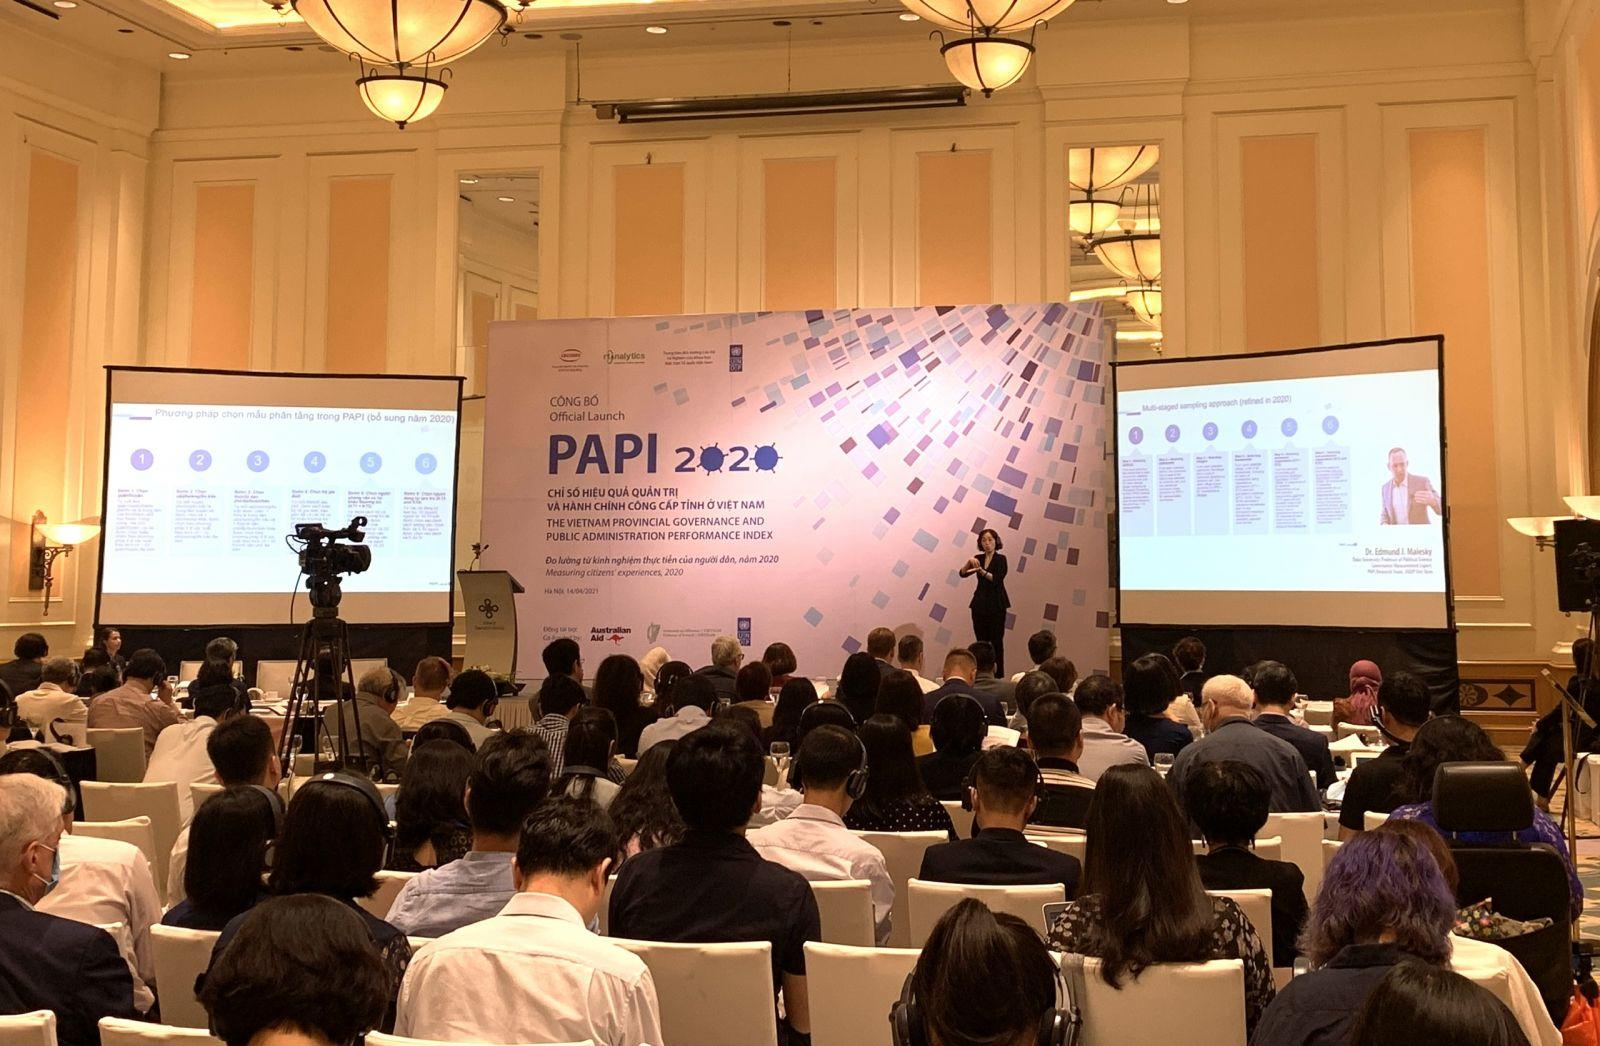 Toàn cảnh buổi công bố PAPI 2020. Ảnh:VGP/HT